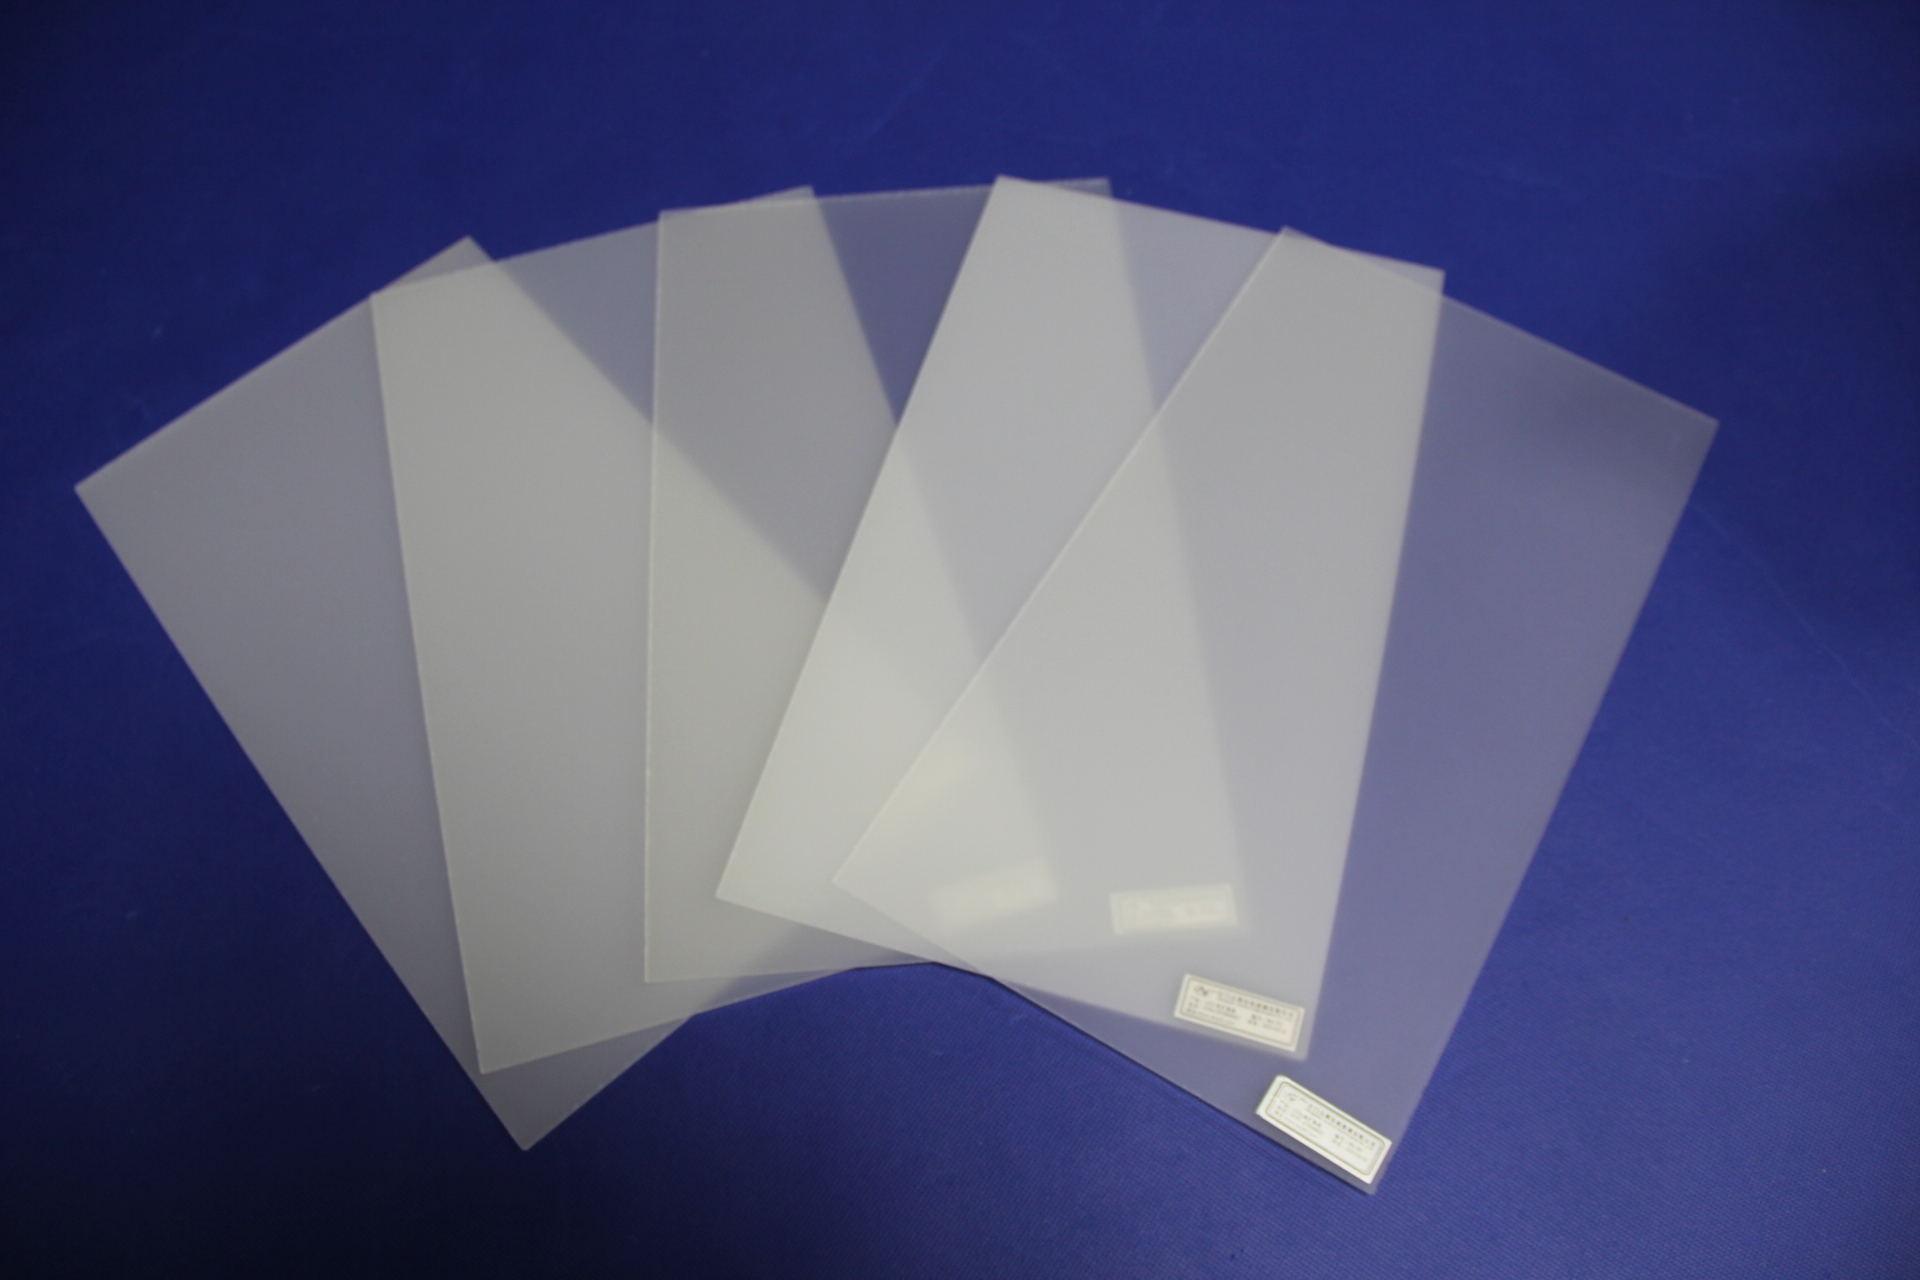 供应用于面板灯、筒灯的LED光扩散板/优质LED光扩散批发商/佛山LED光扩散板厂家